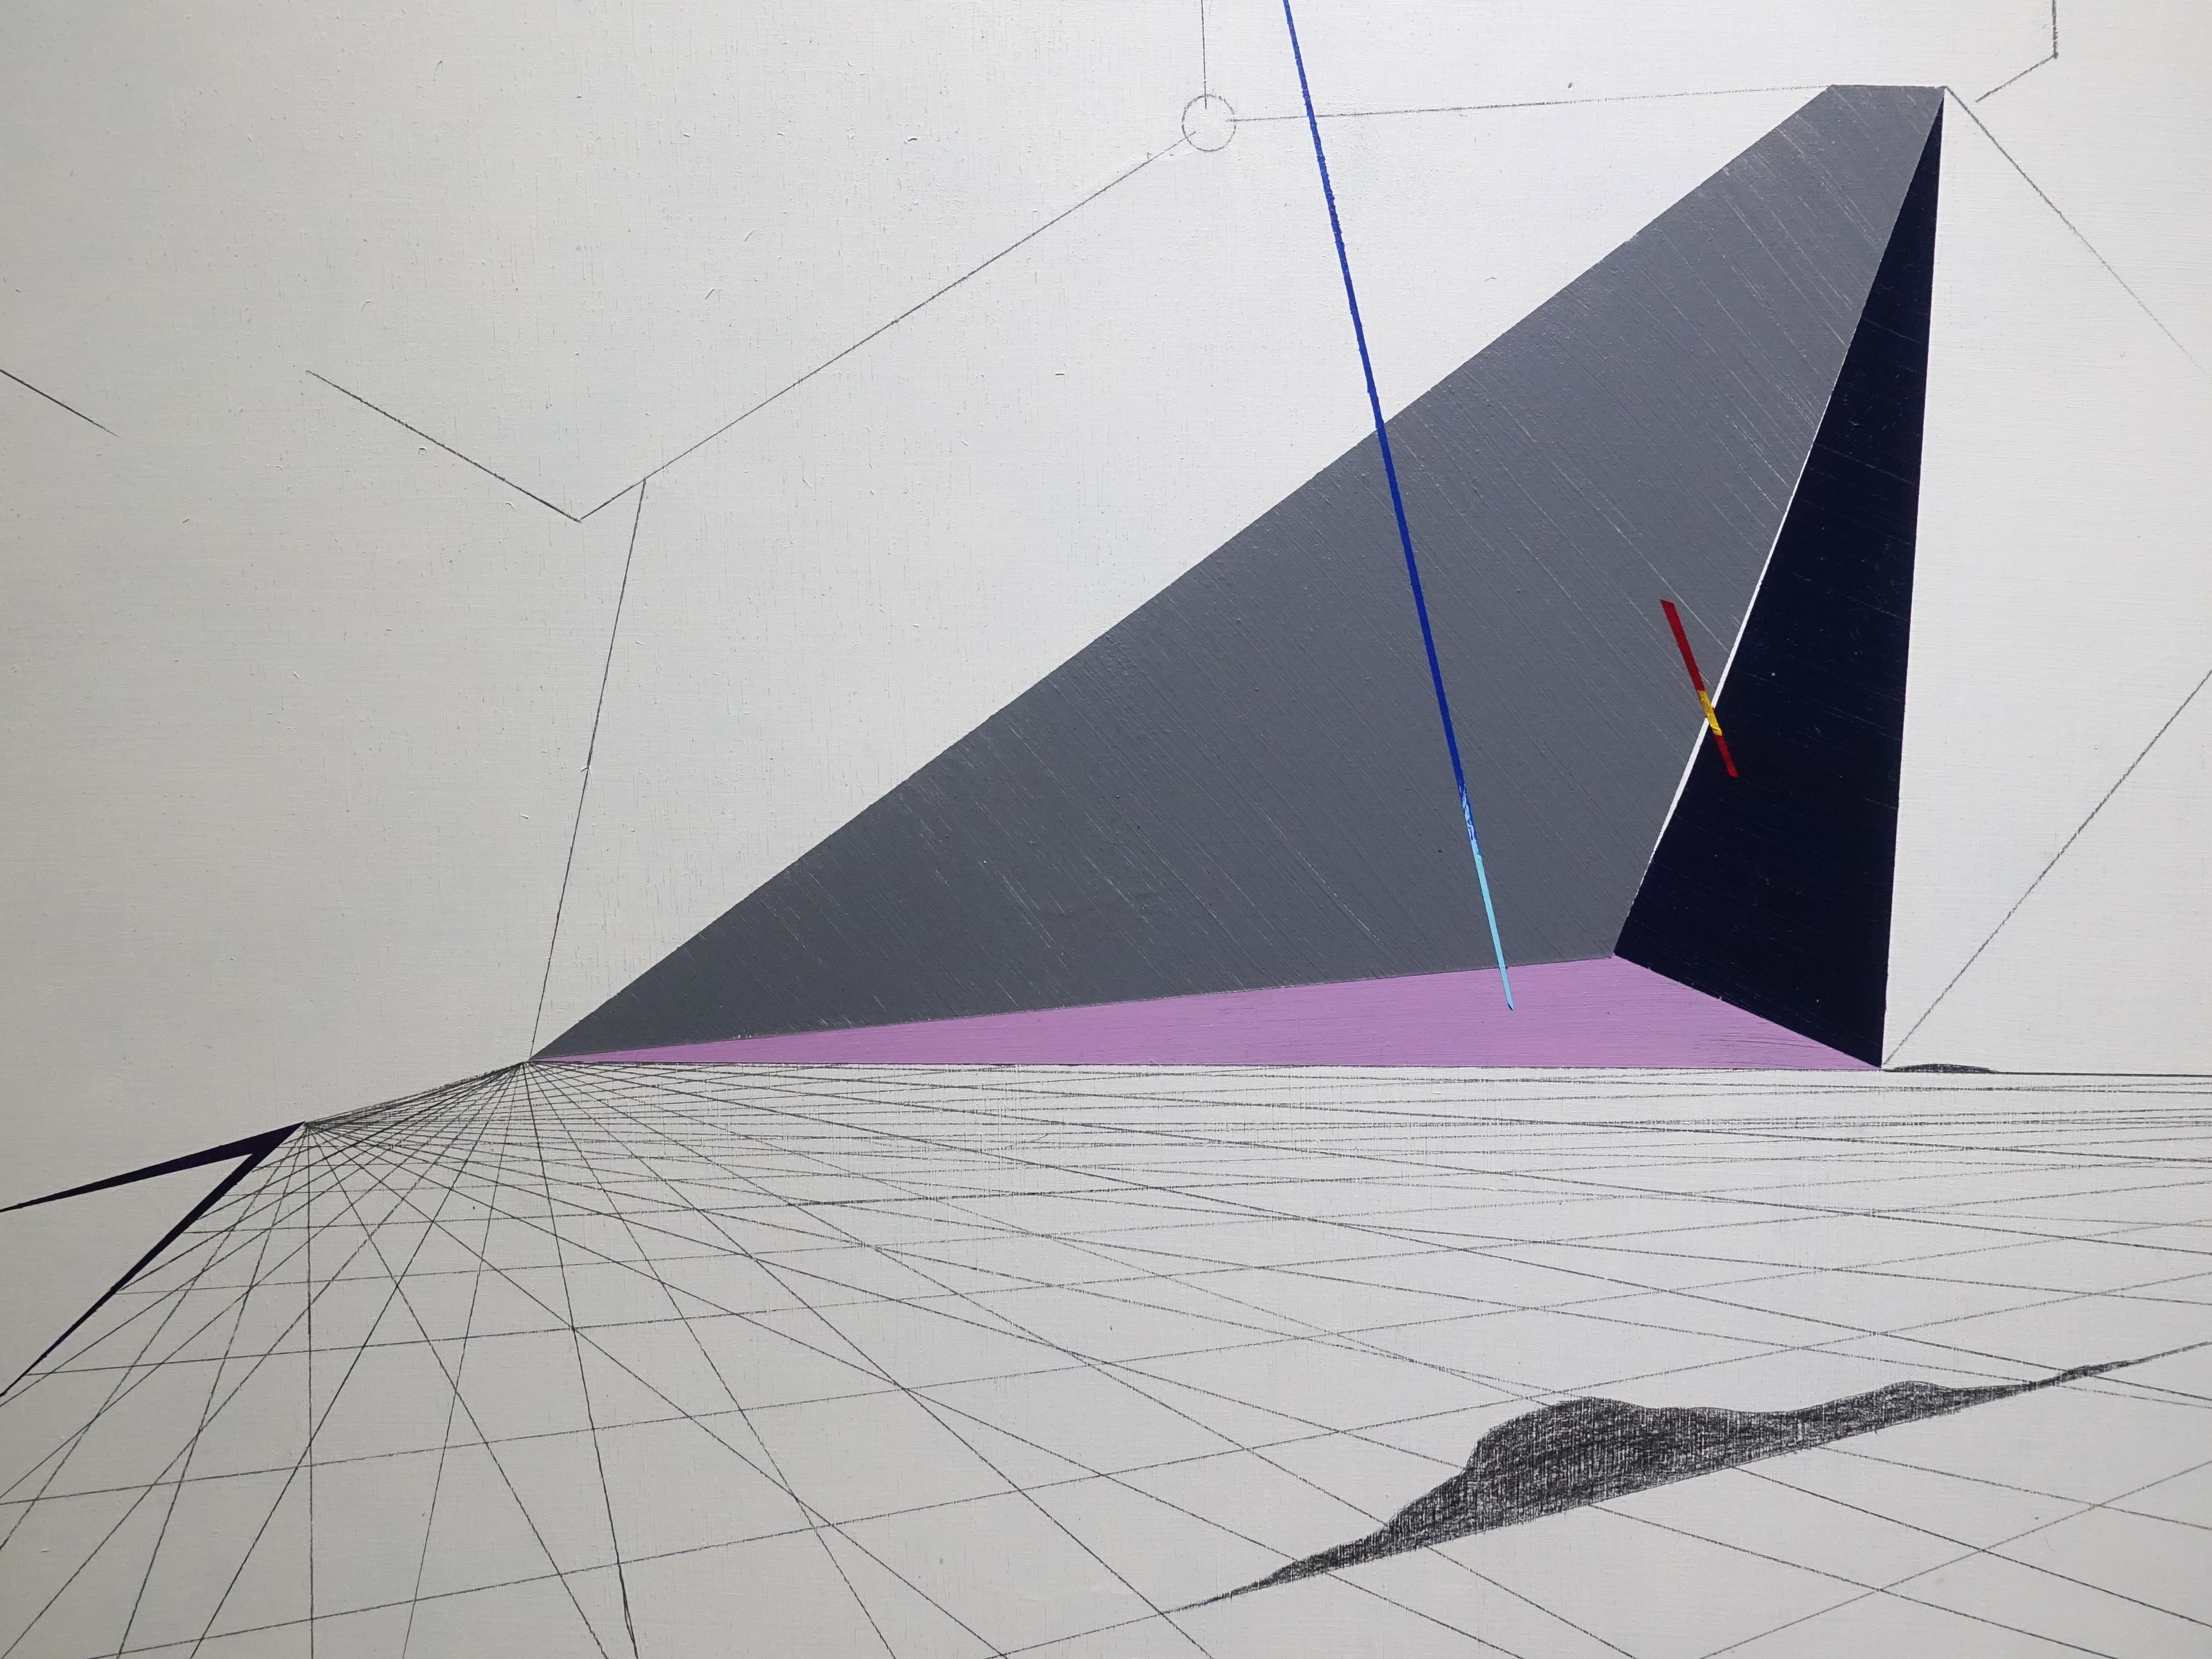 張獻文,《移植∞繁殖計畫20》細節,60x60x5 cm,木板、丙烯酸顏料、炭精筆、鉛筆,2019。